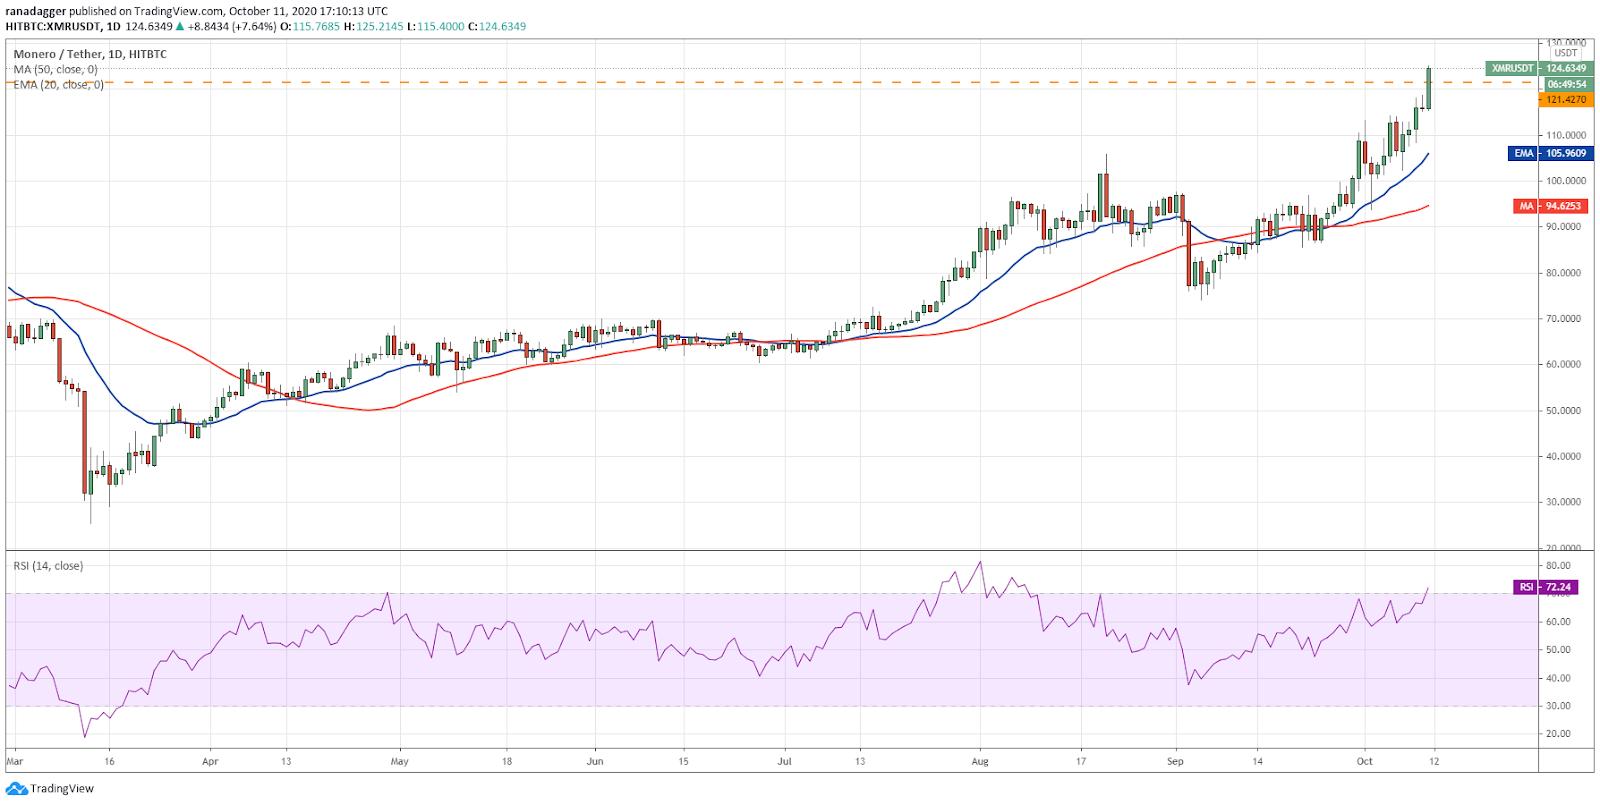 Grafico giornaliero XMR / USD